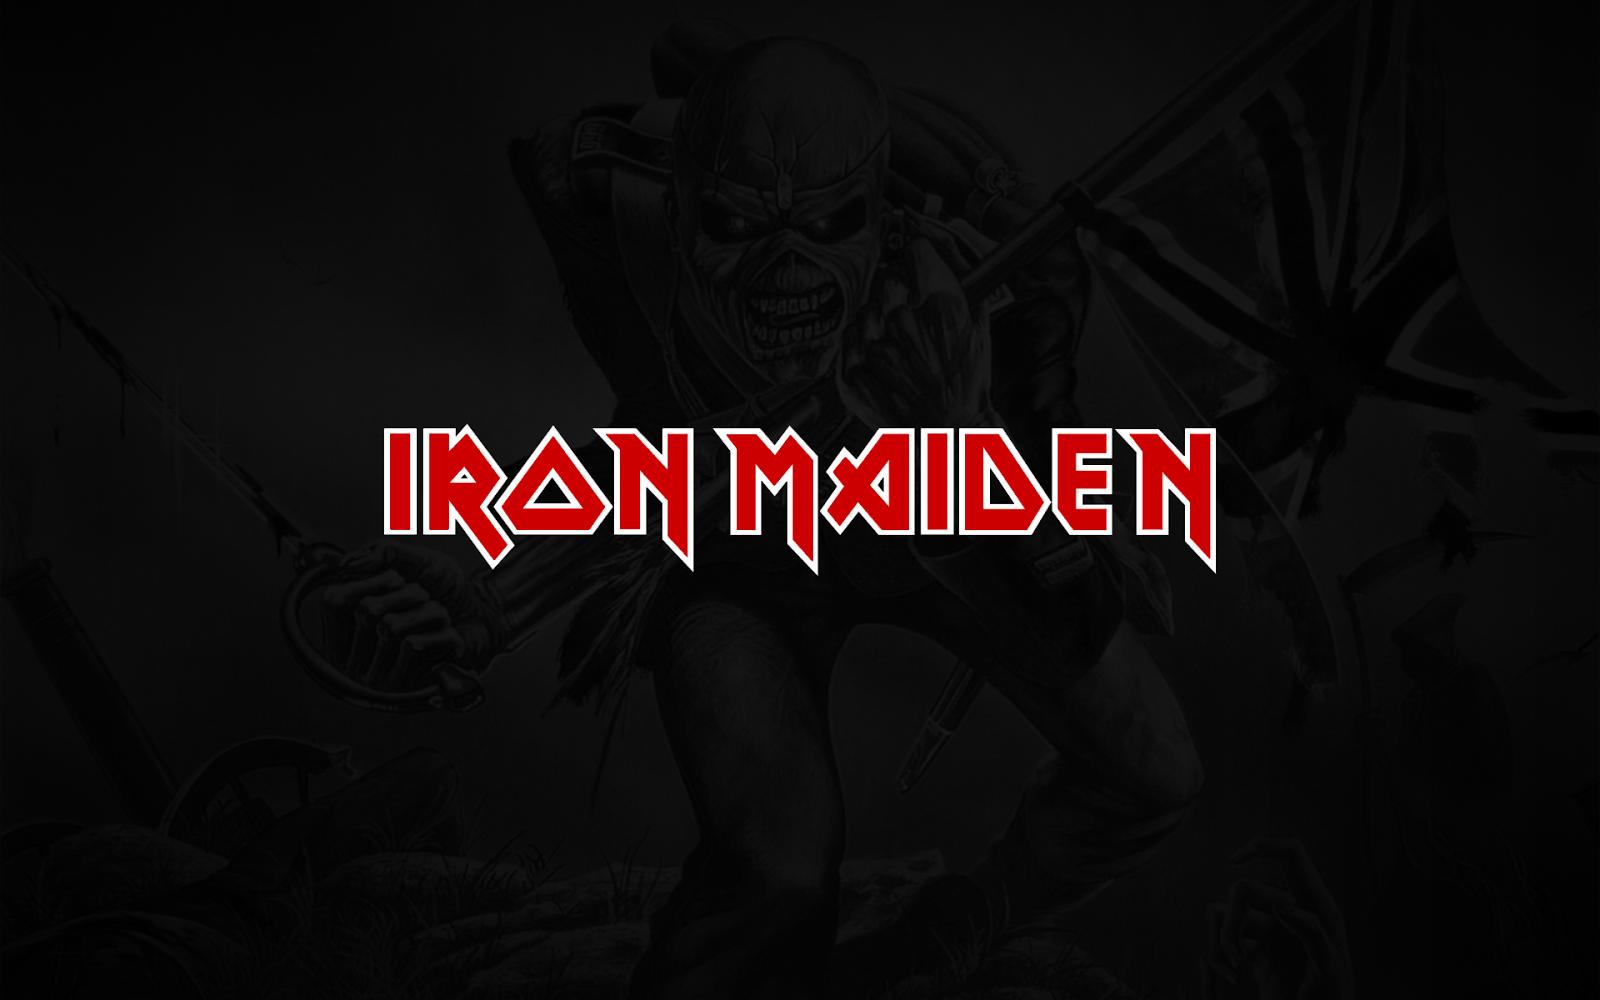 Wallpapers HD: Pack De 57 Wallpapers De Iron Maiden